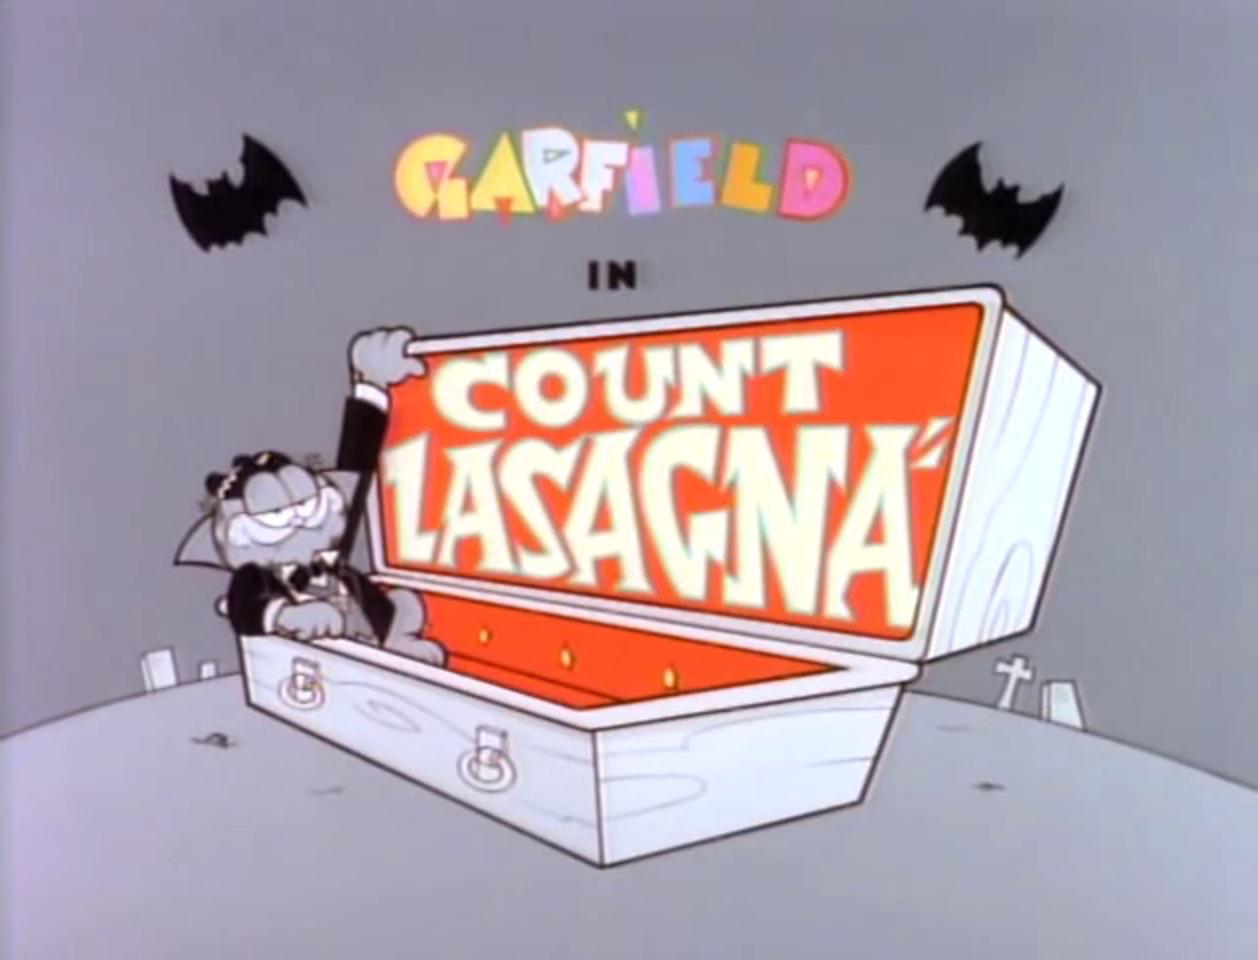 Count Lasagna